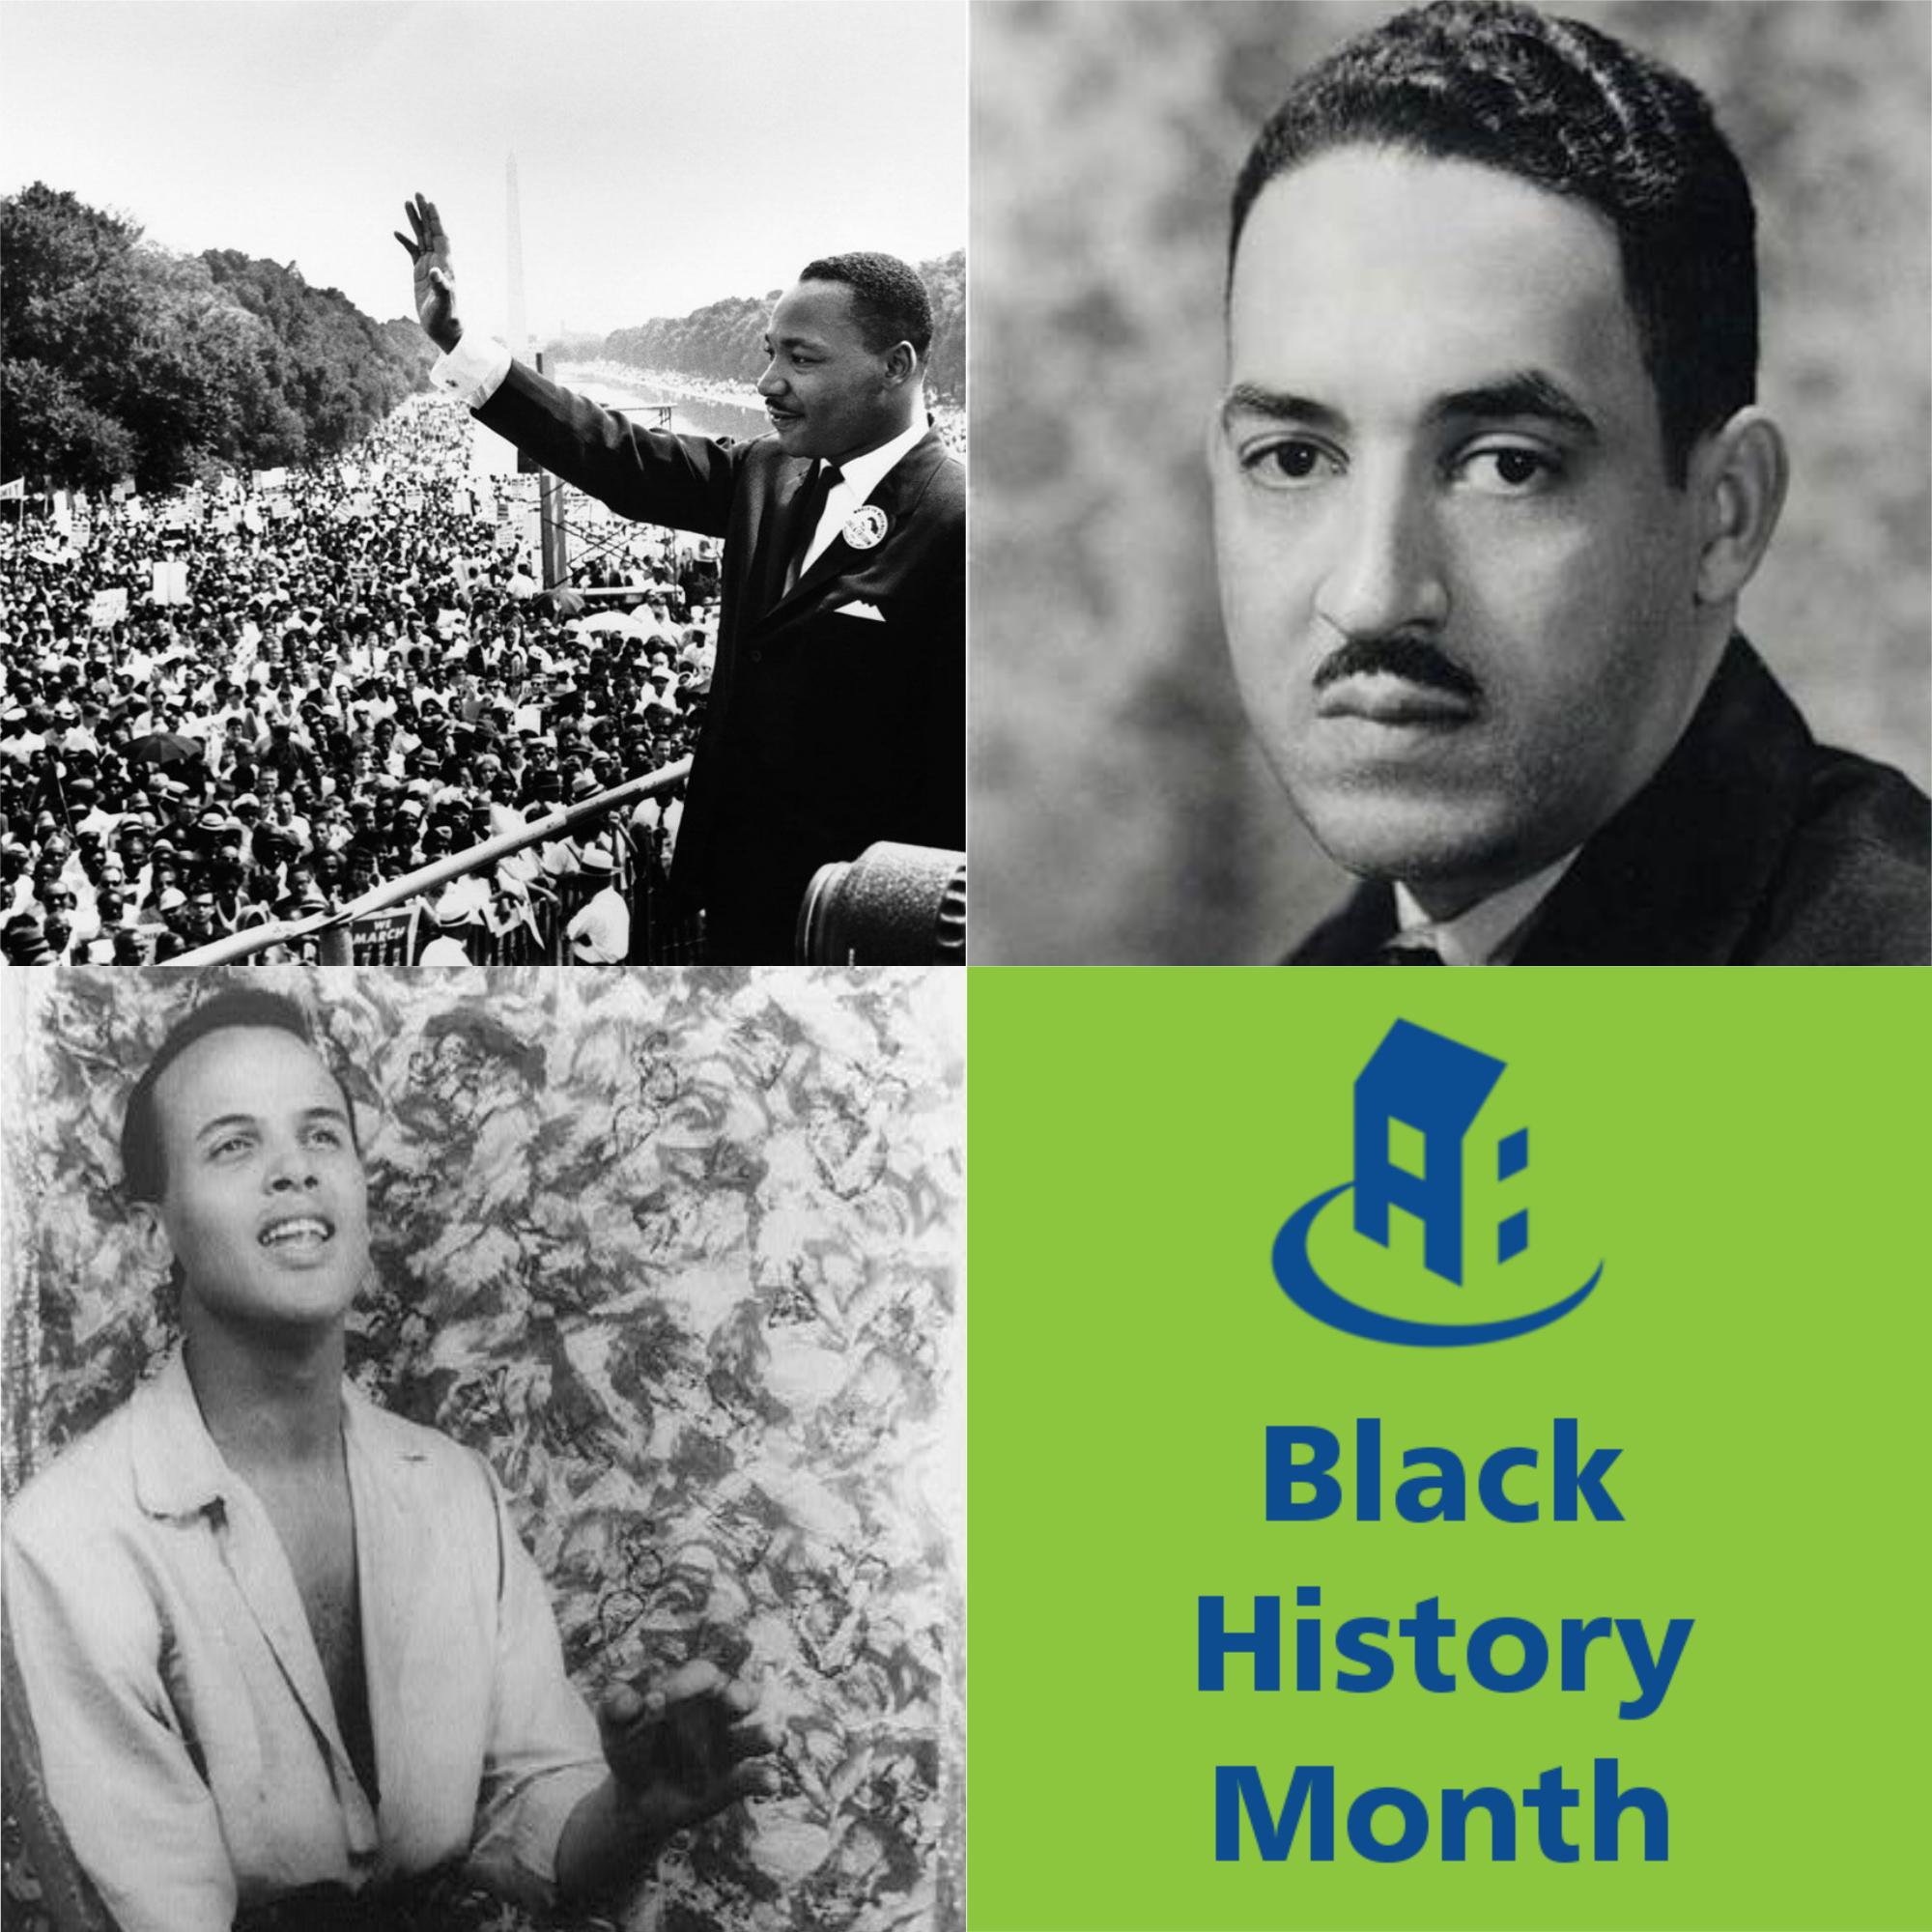 Le mois de l'histoire des Noirs: Les coopératives d'habitation et le mouvement pour la défense des droits civiques